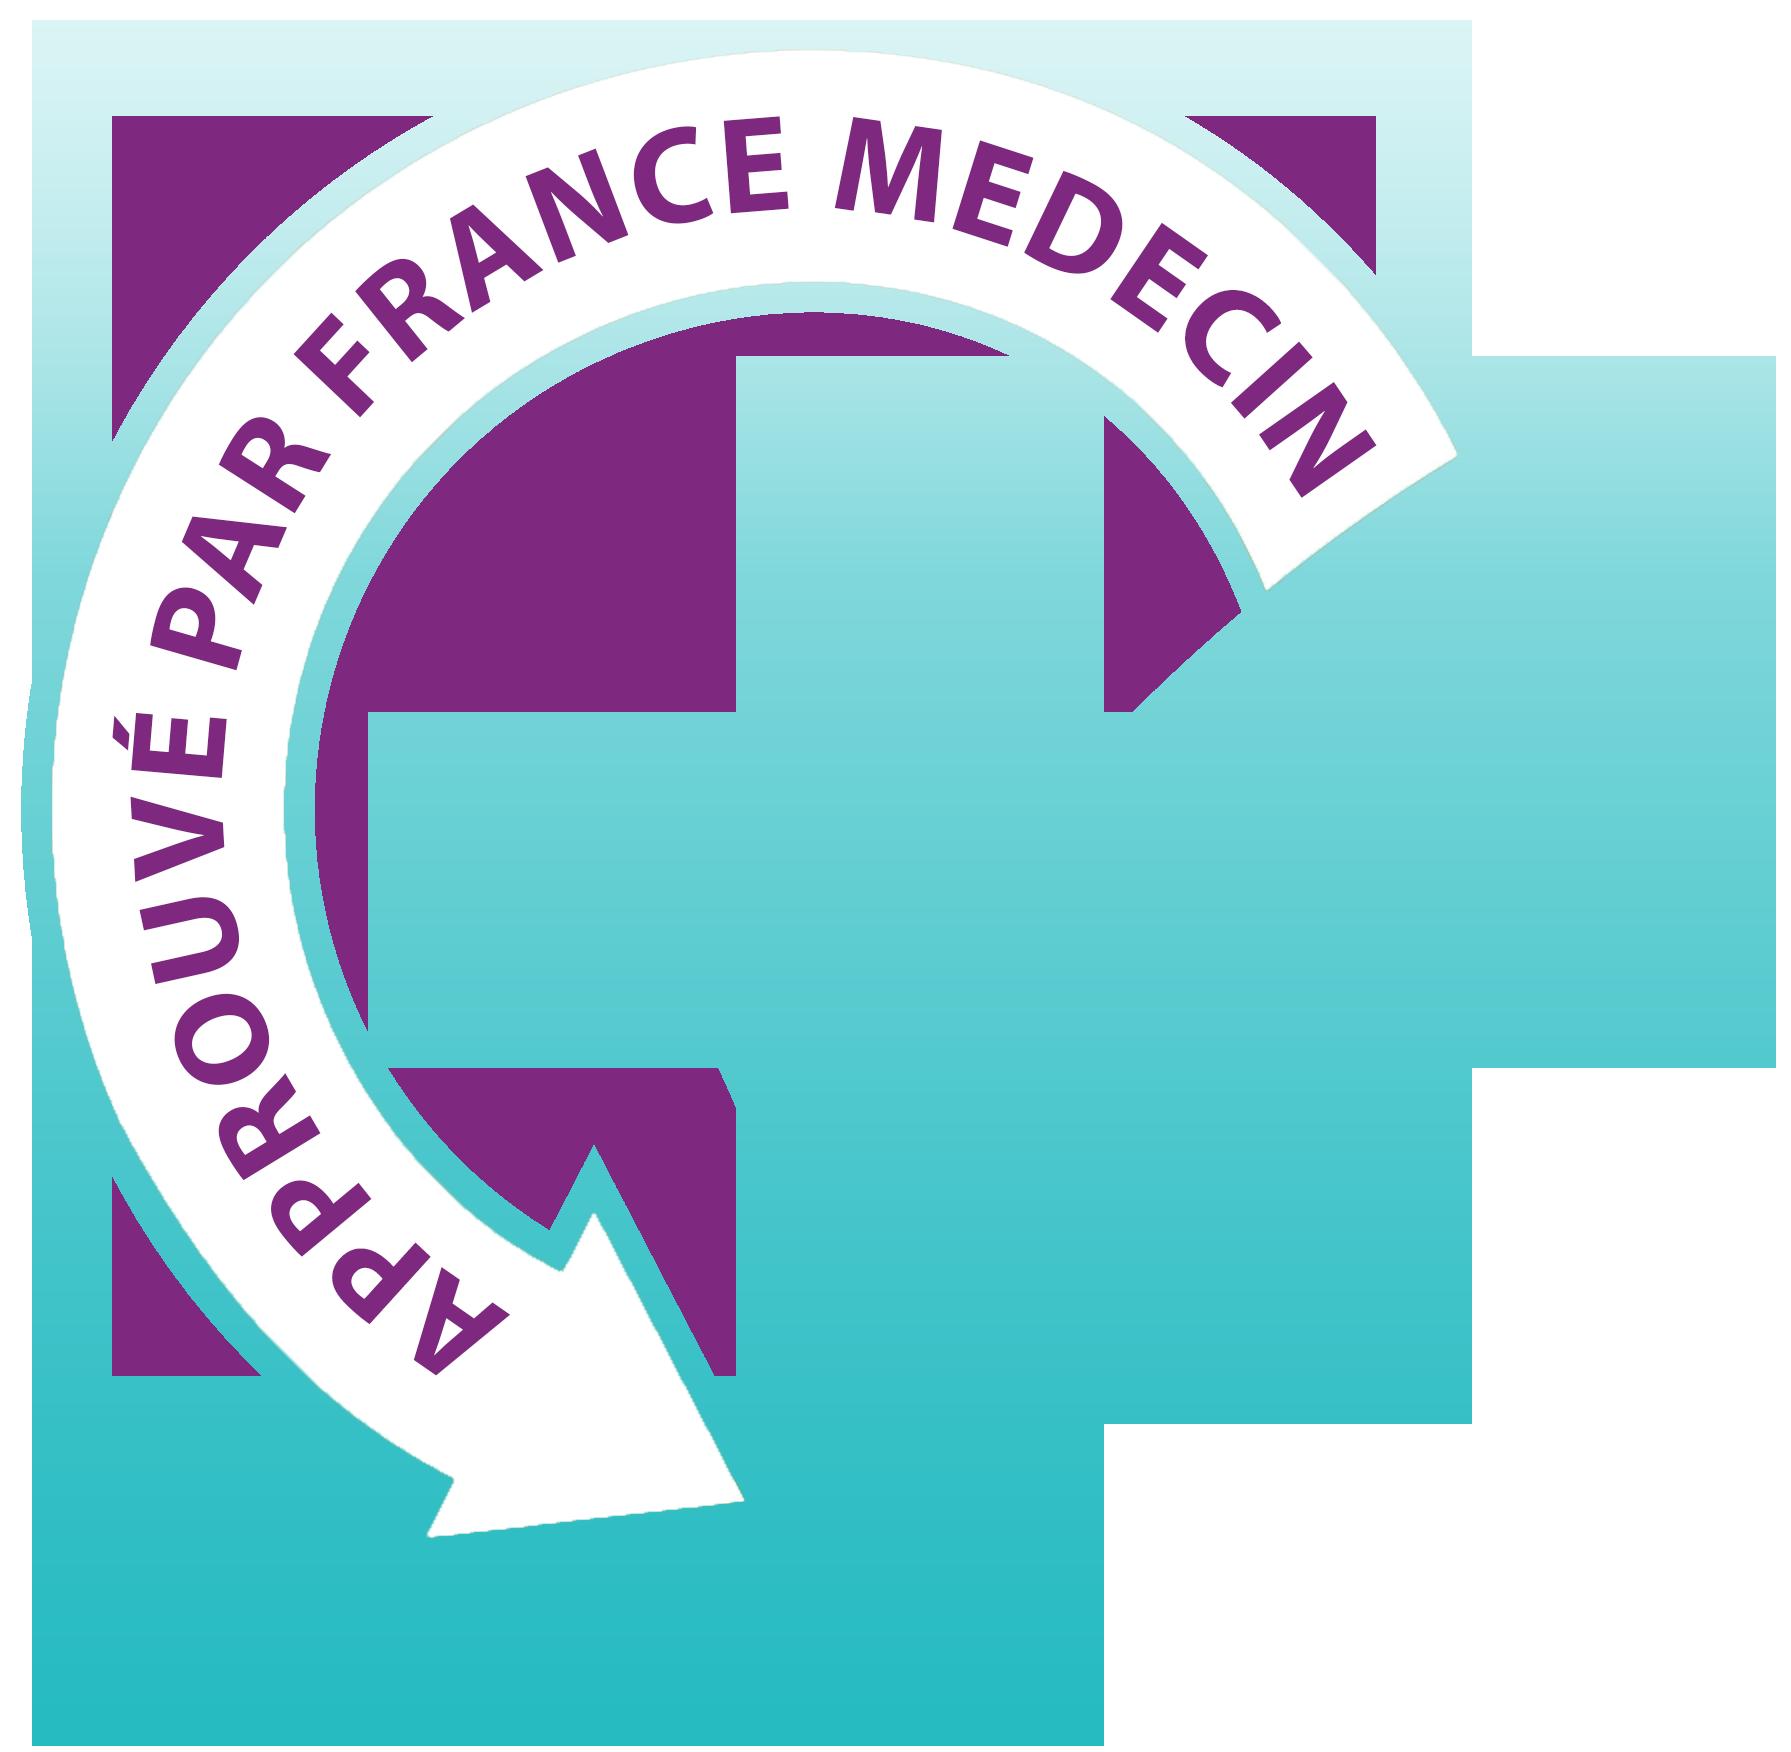 Approuvé par FRANCE MEDECIN